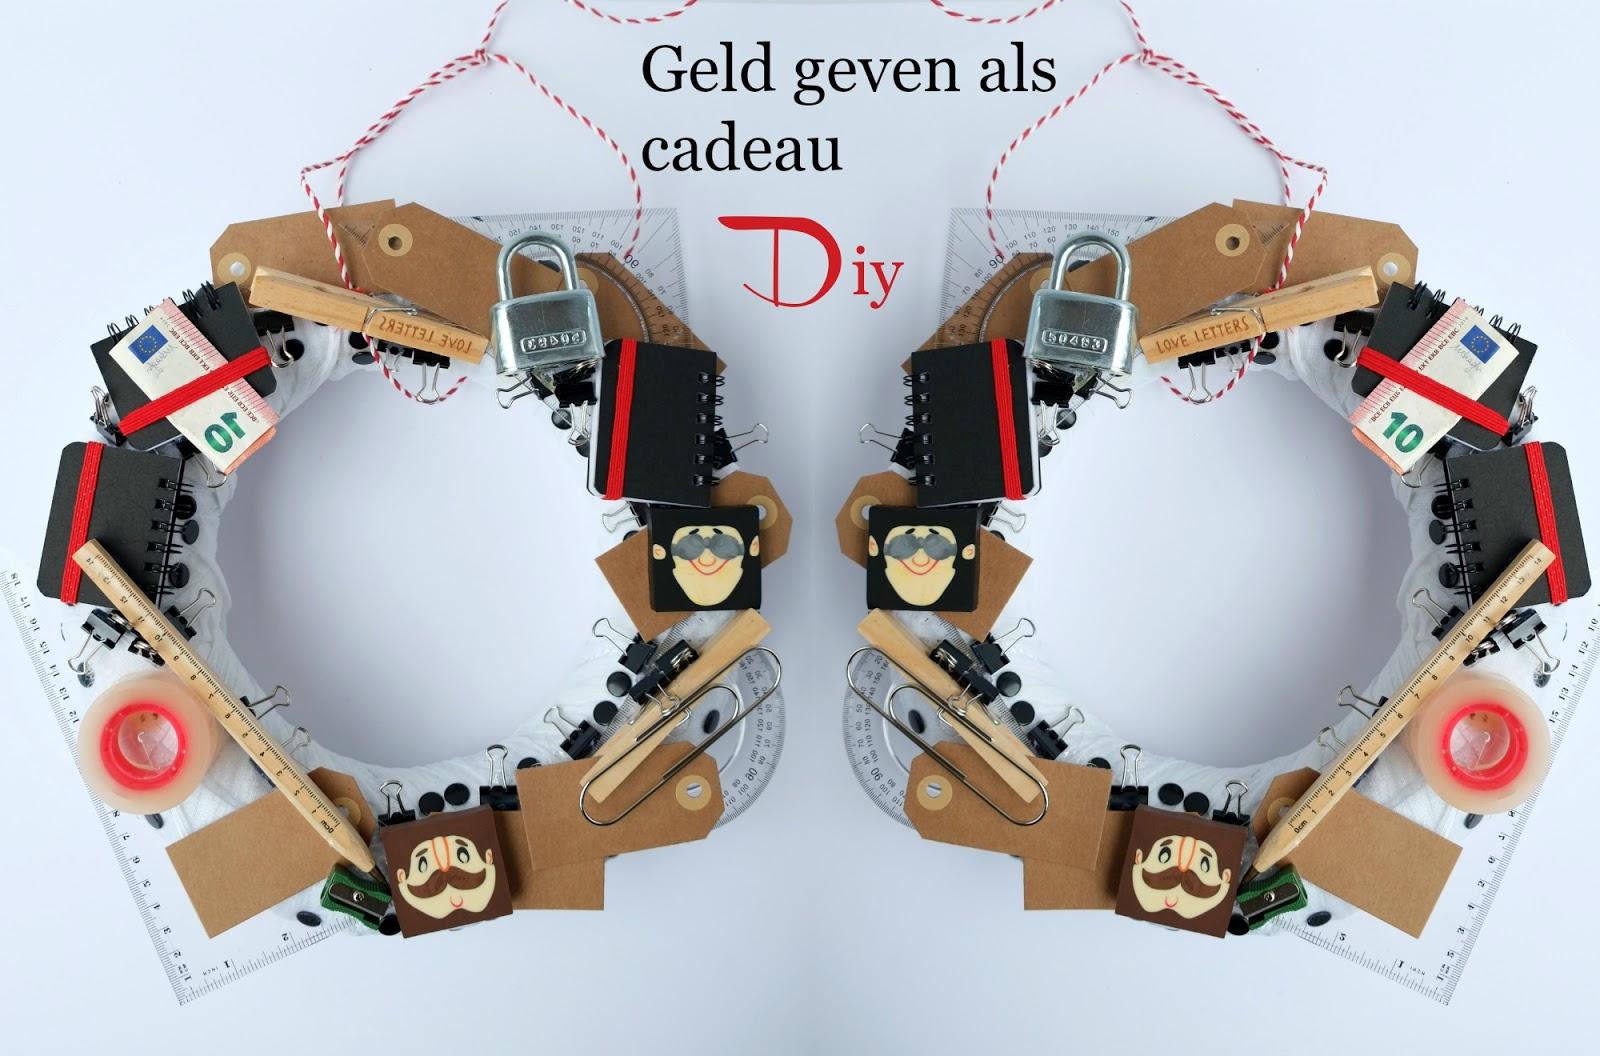 Extreem Geld Geven Als Cadeau Jo96 Belbininfo